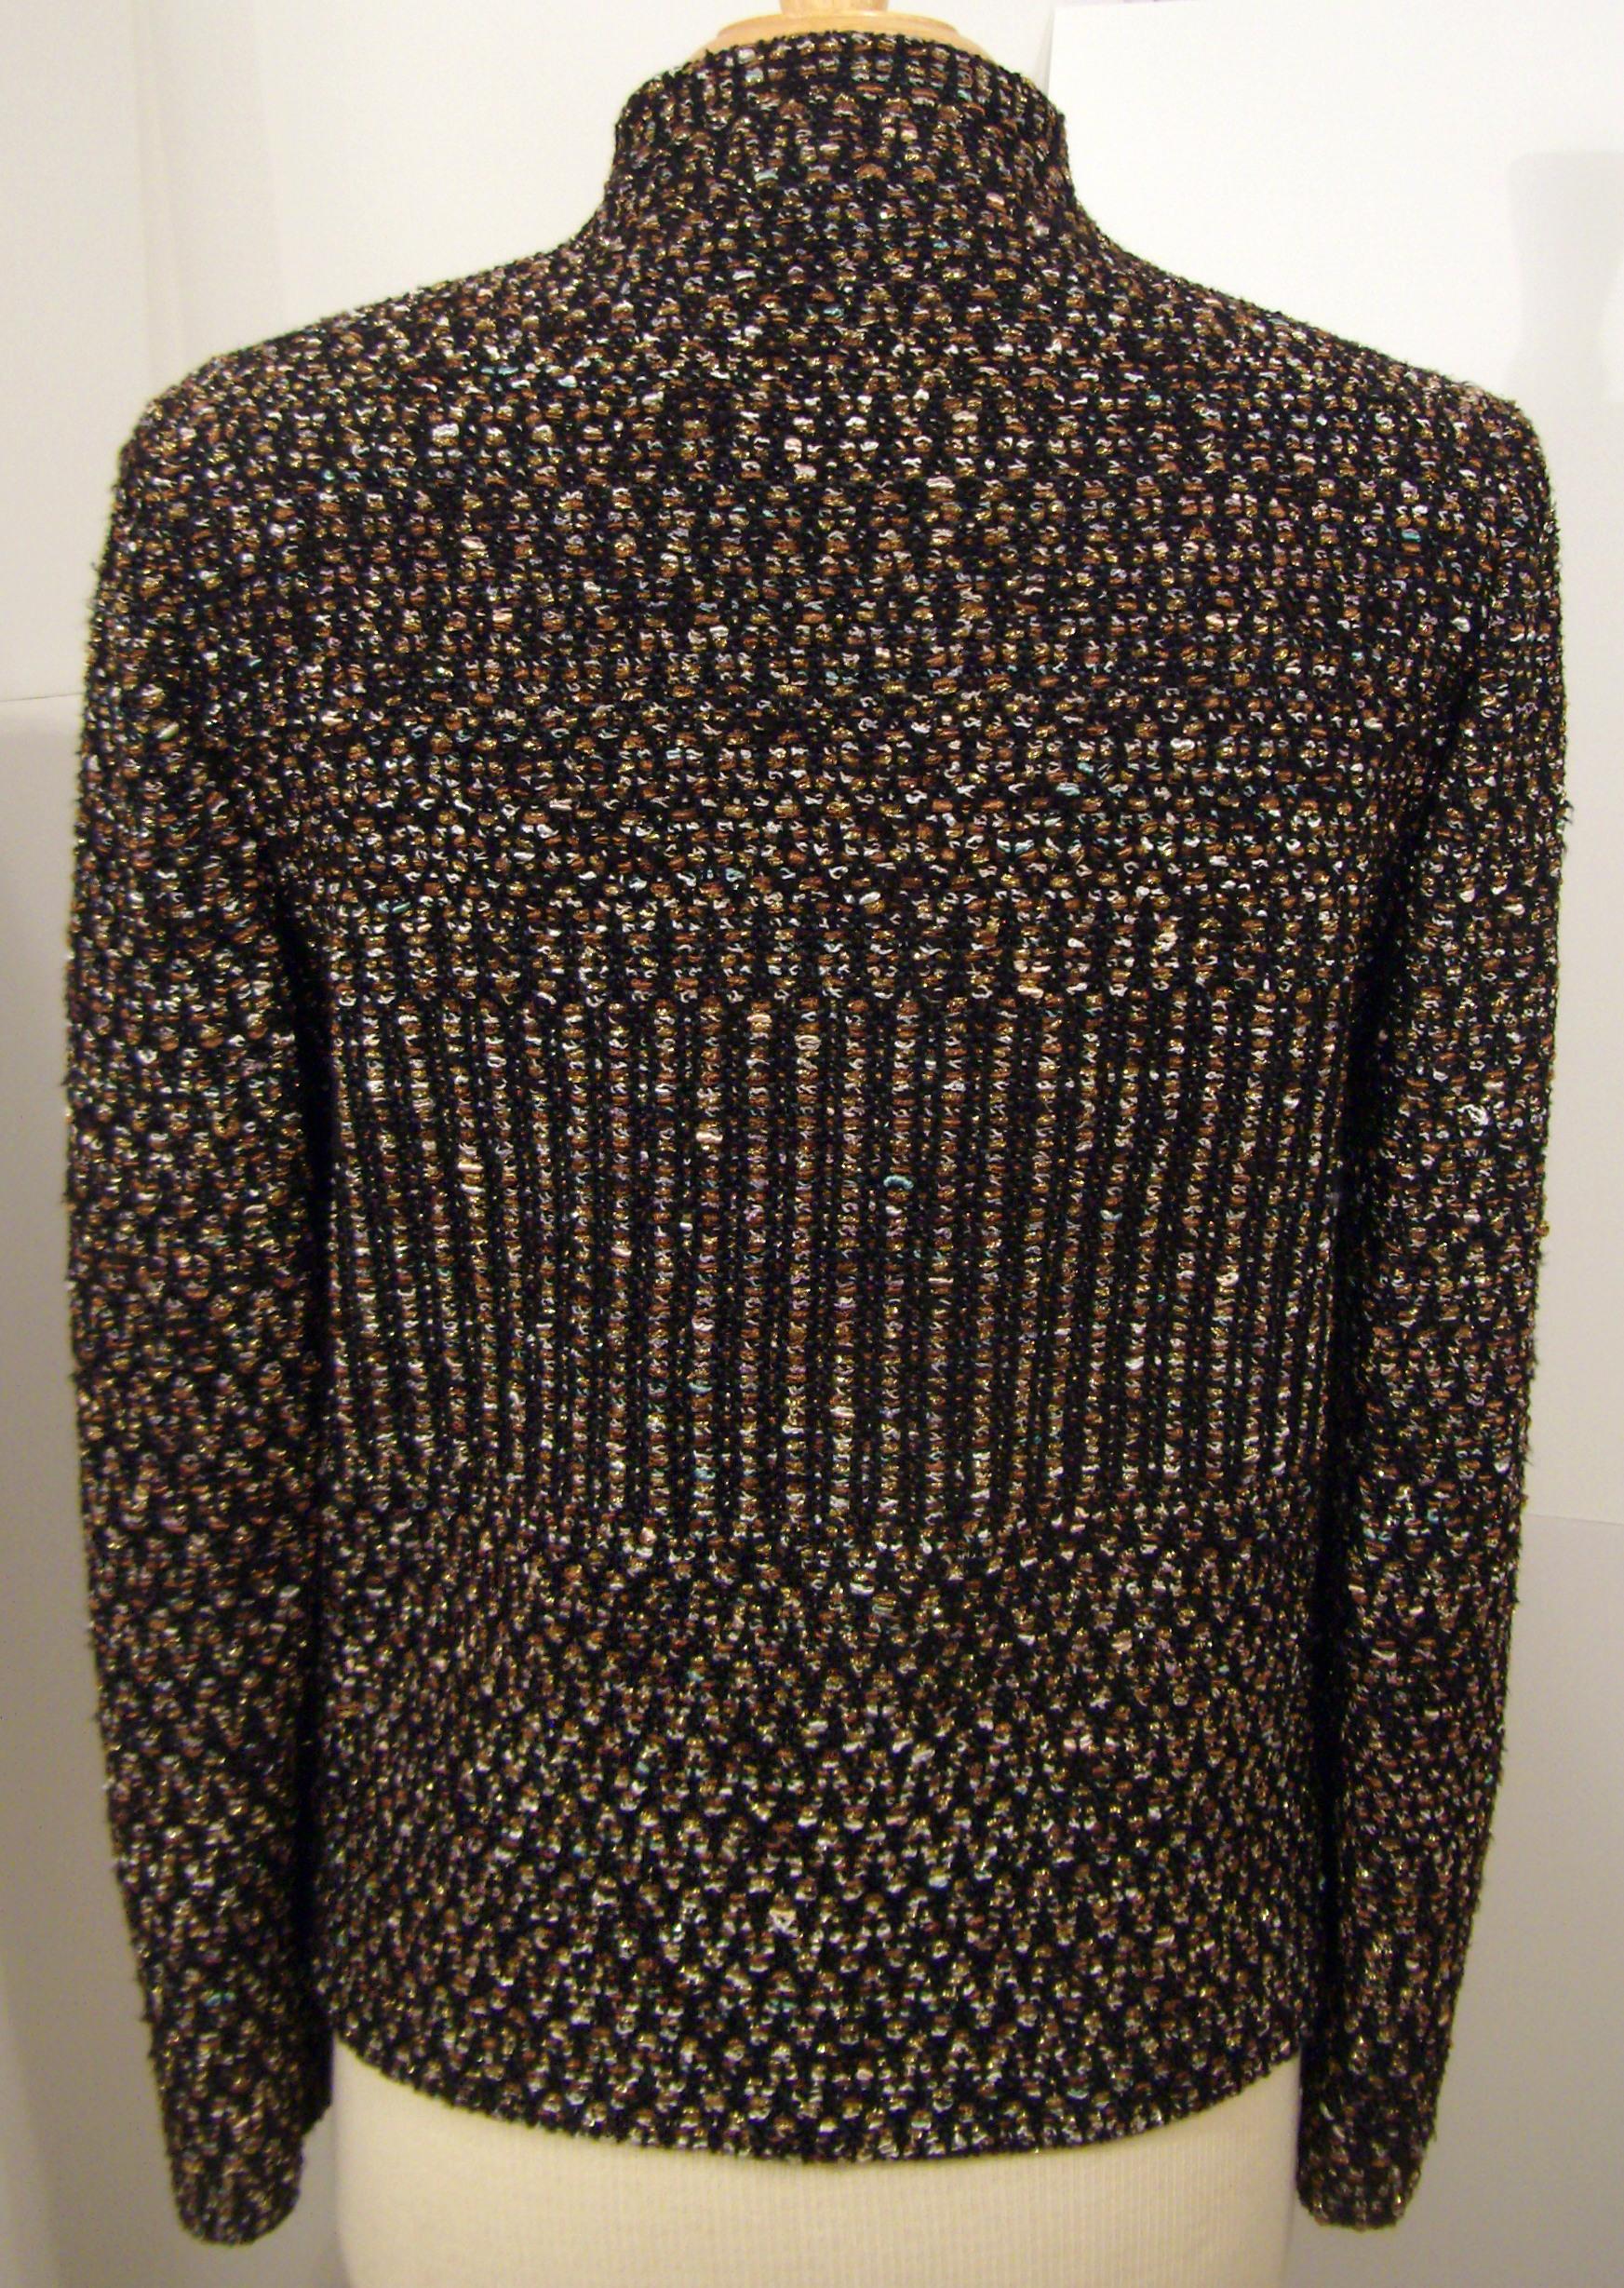 Hand Woven Jacket, Kathleen Weir-West, Fiber Art 15.JPG